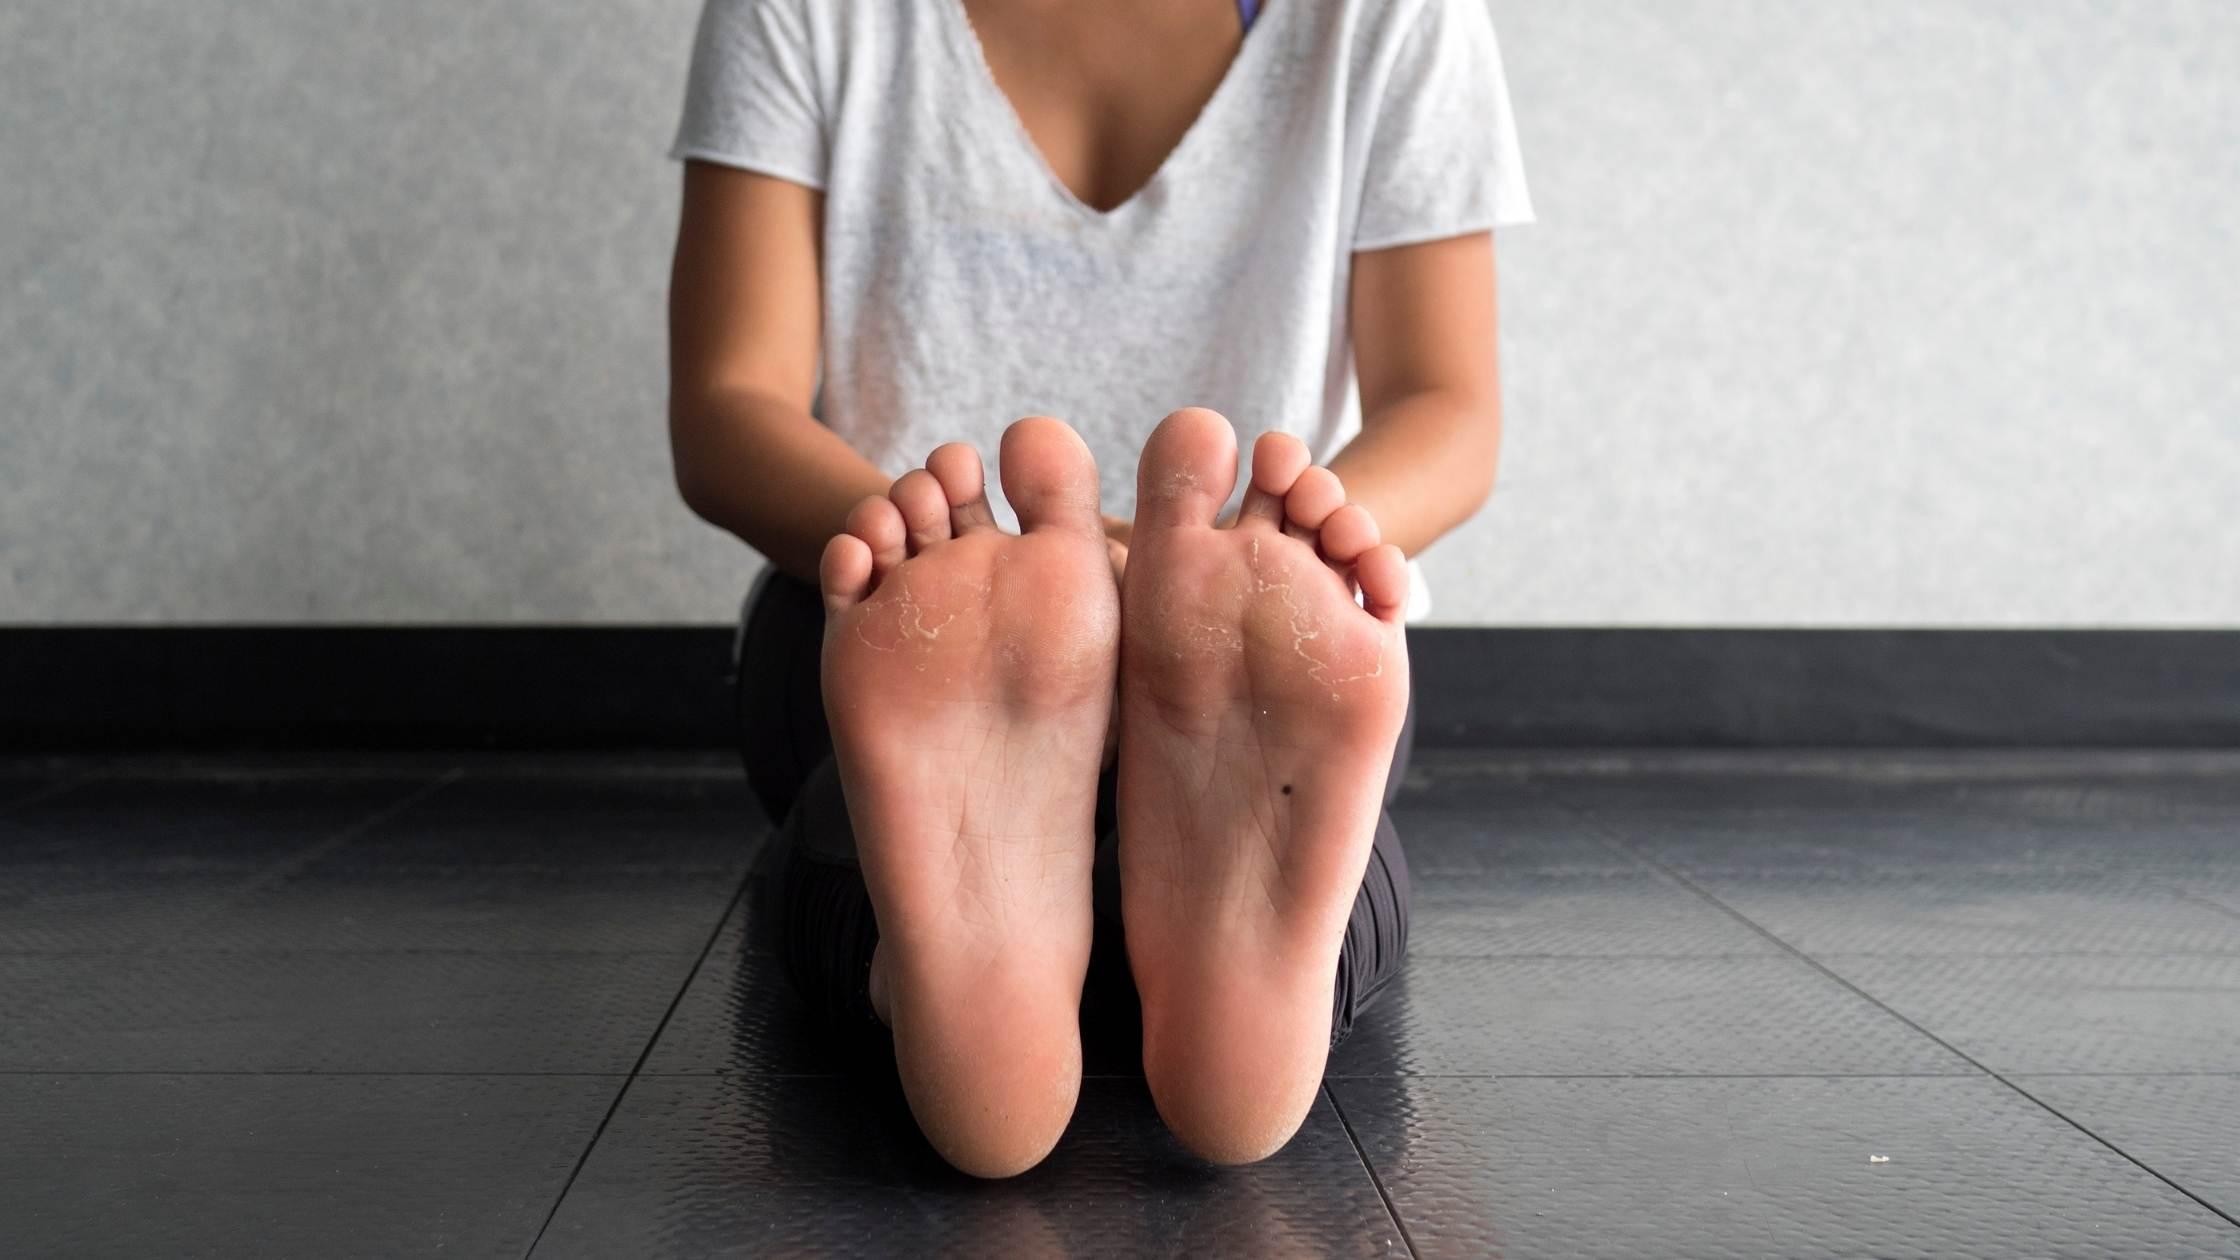 Mujer sufre los callos y durezas en sus pies